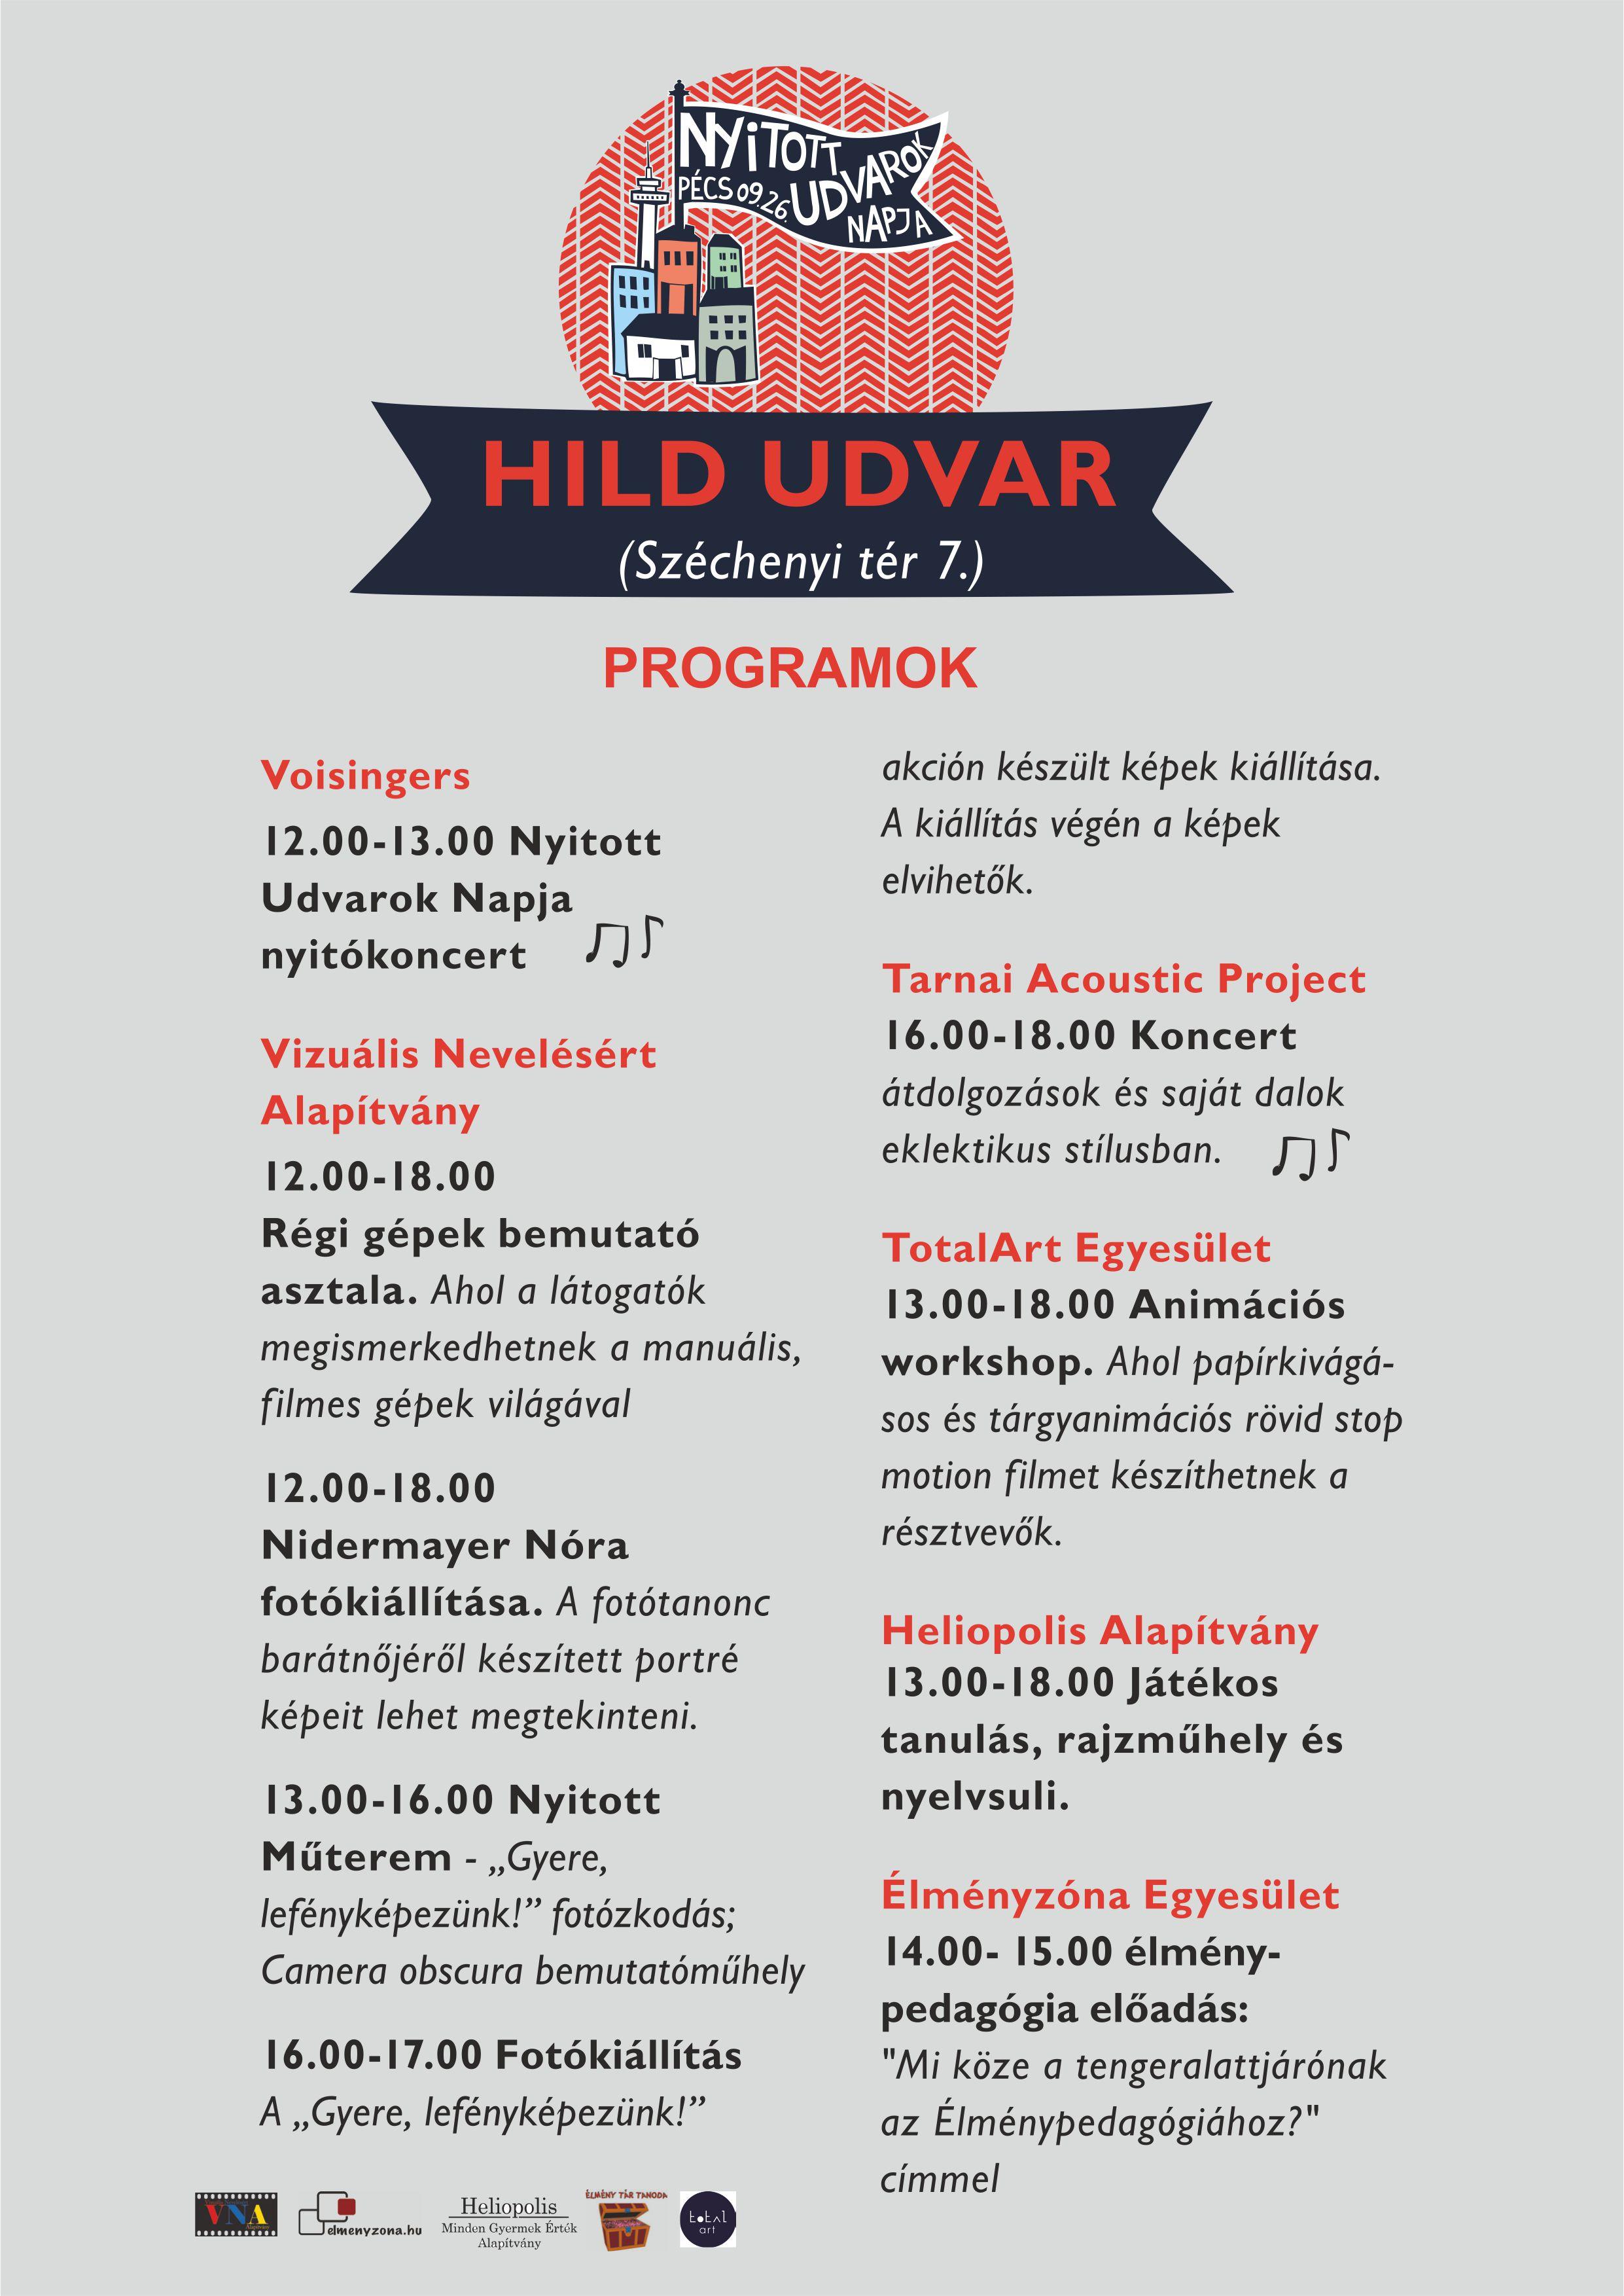 nyun_program_reszletes_hild.jpg